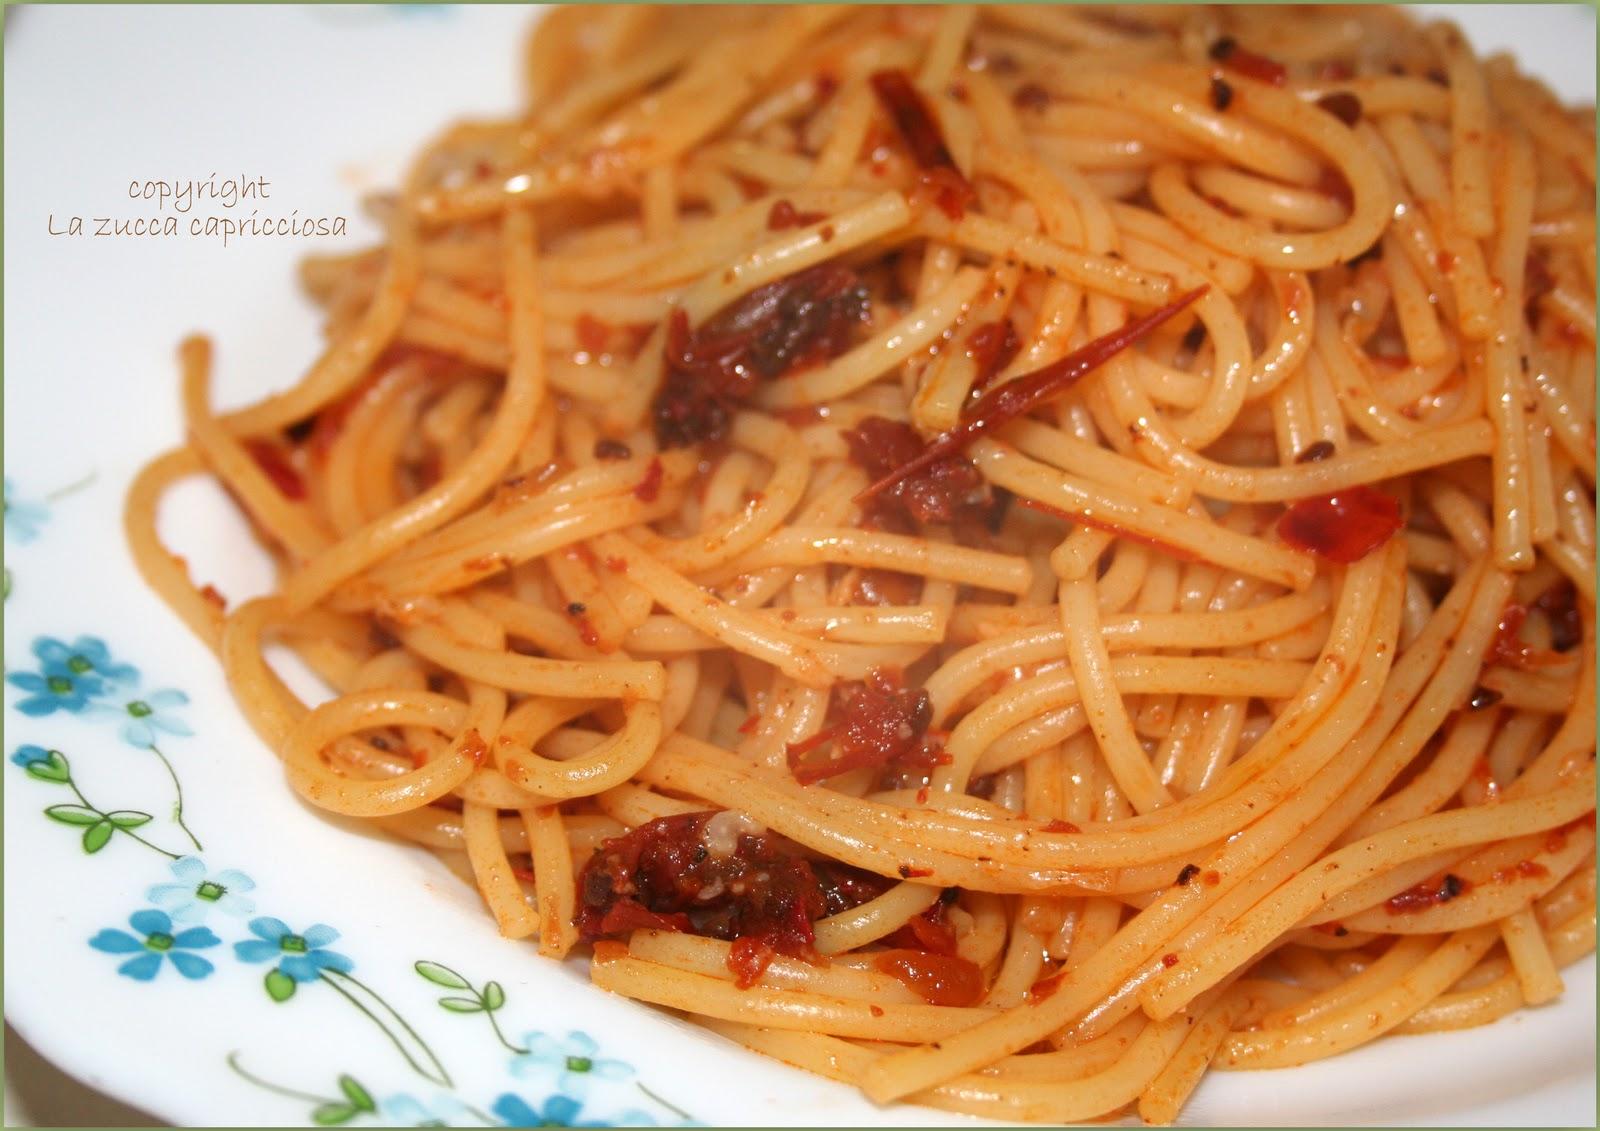 Spaghetti con sugo pronto alla 39 nduja da lo specchio ti - Lo specchio ti riflette testo ...